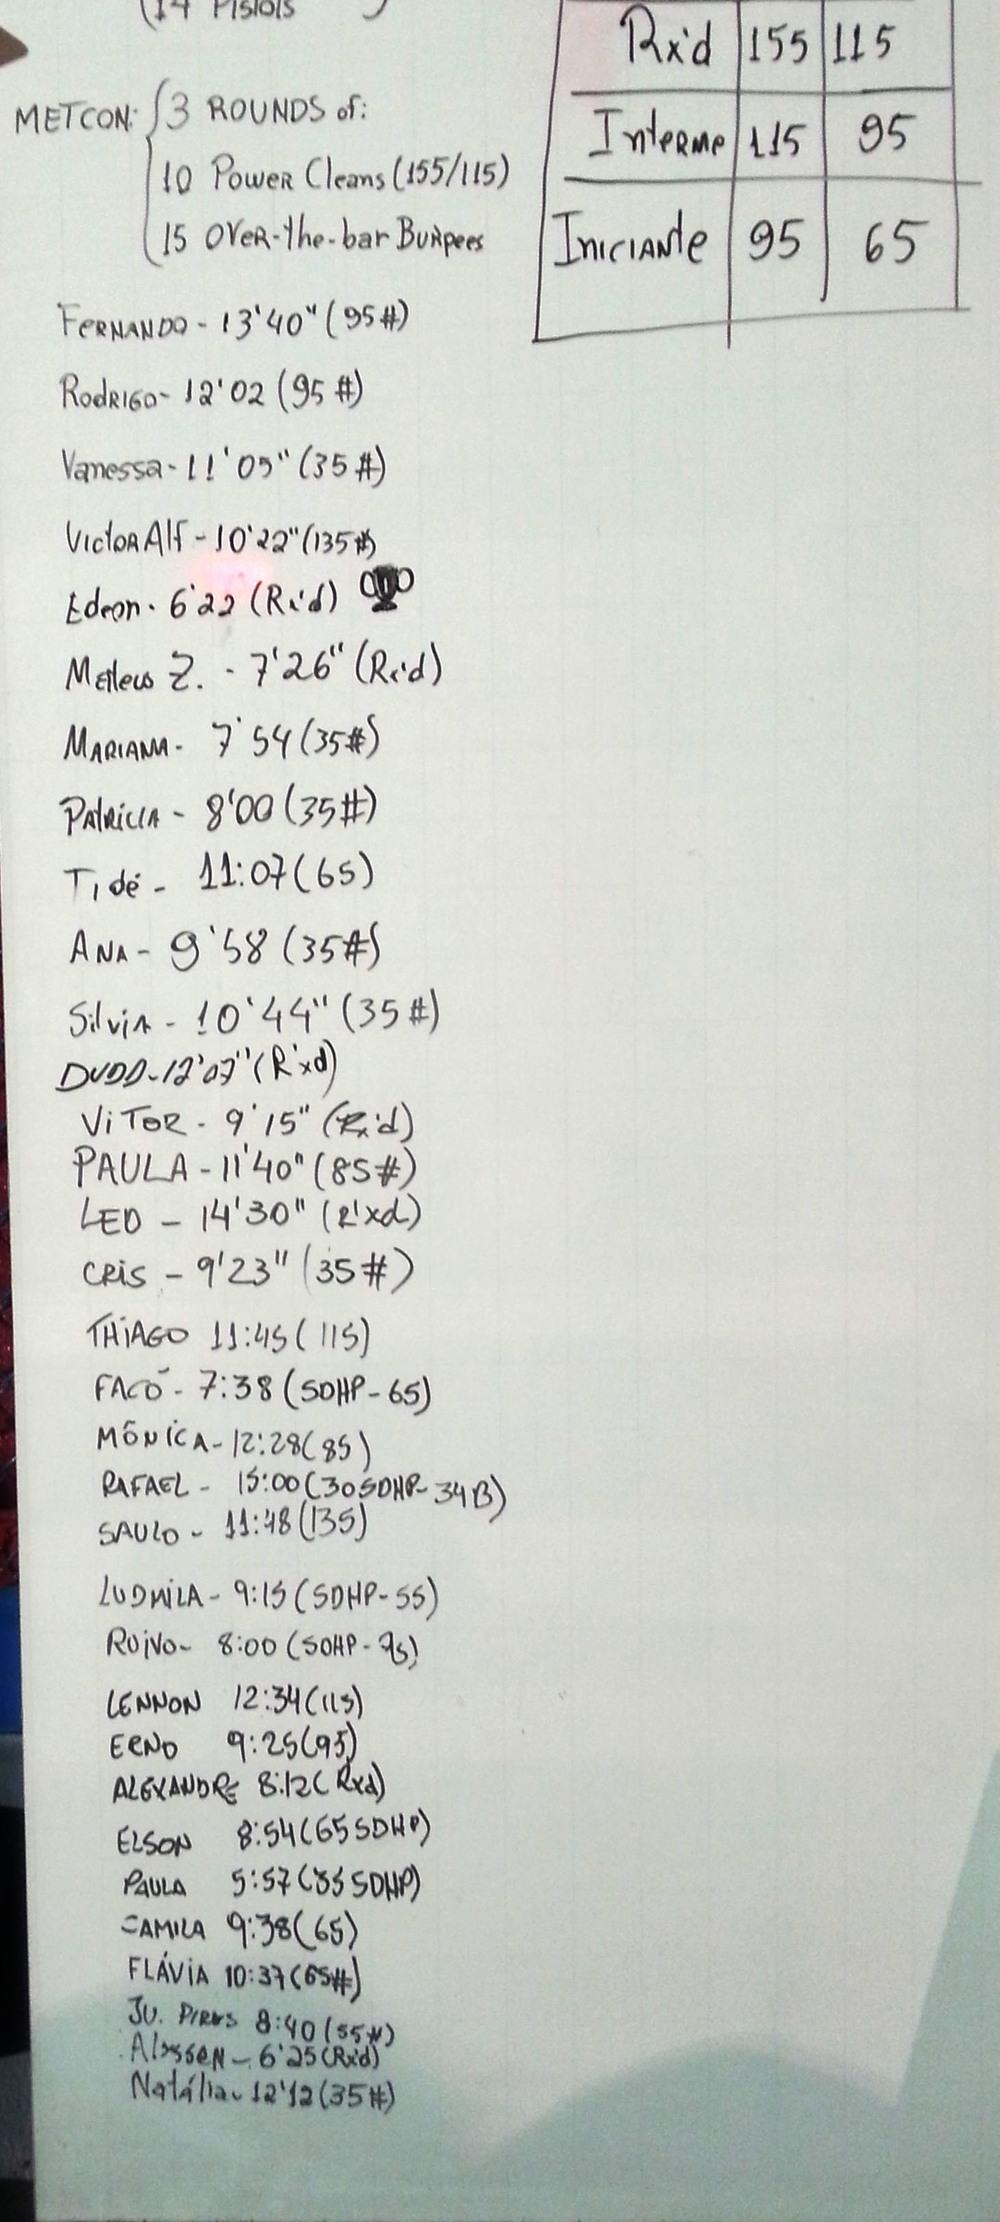 RESULTADOS DO DIA 12/11/2012. DÁ-LHE EDEON!!!!